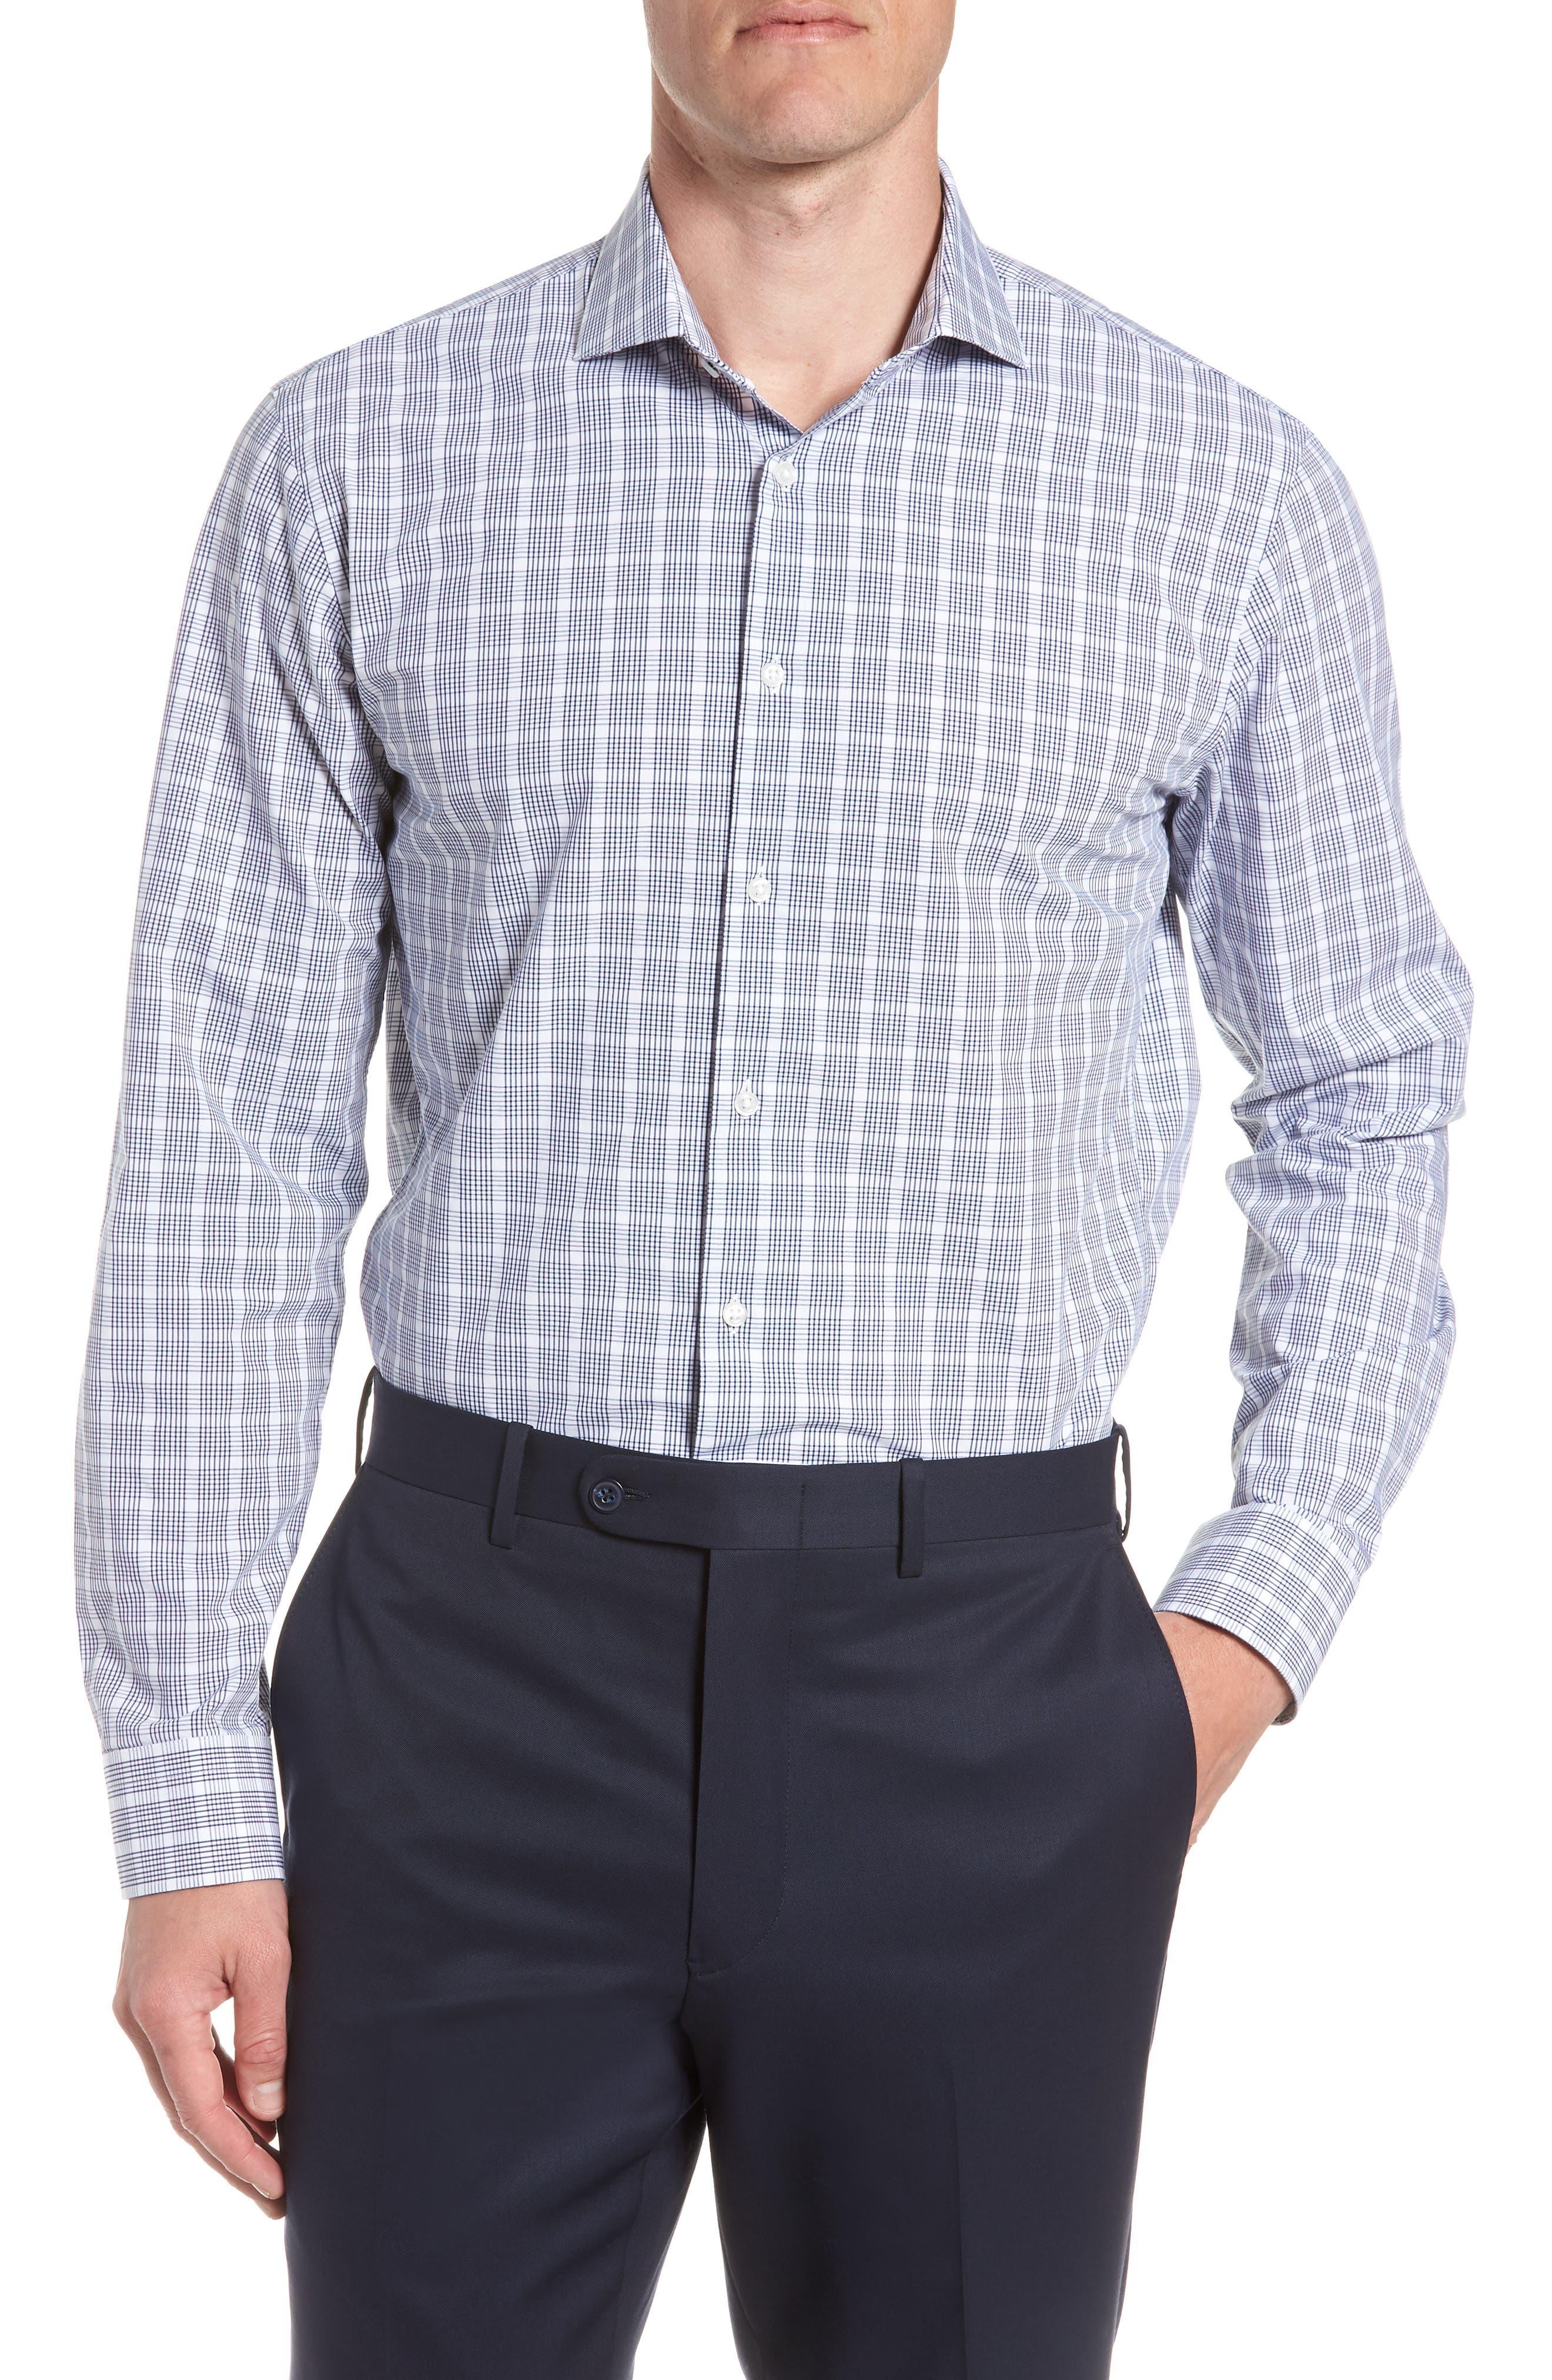 Tech-Smart Trim Fit Plaid Dress Shirt,                         Main,                         color, 410